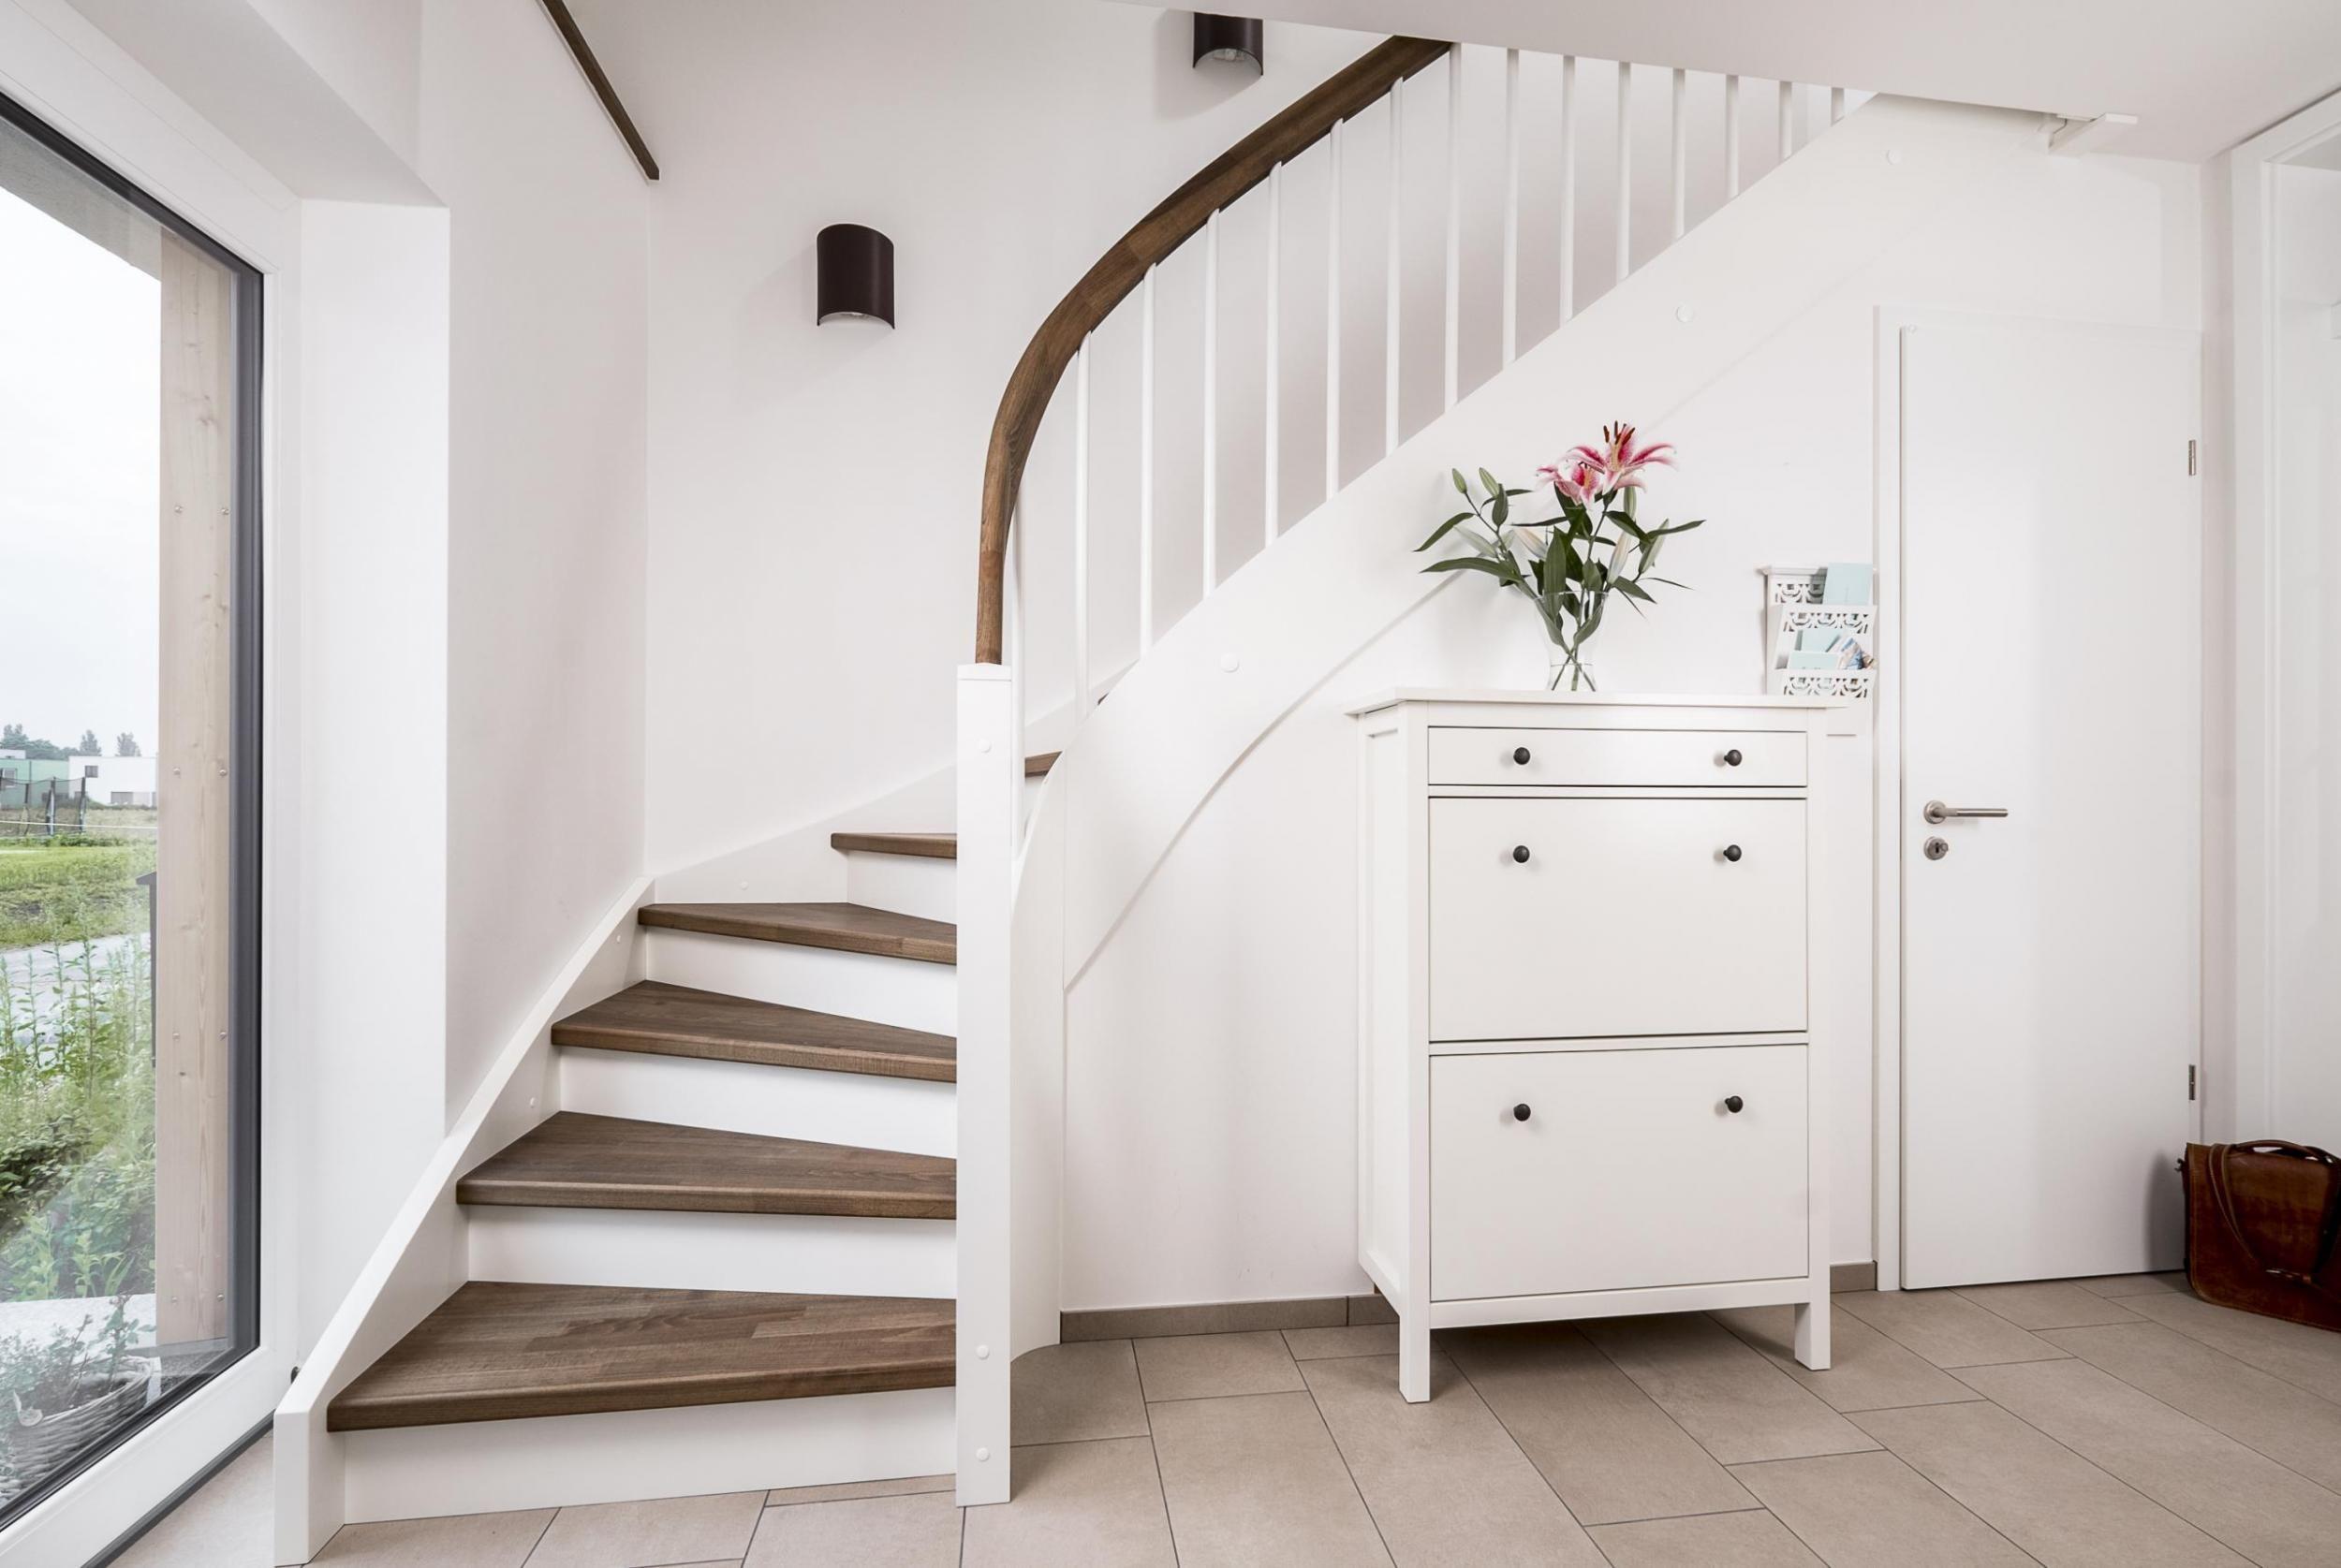 Wangentreppen made in Norddeutschland. - Treppenbau Voß #eingangsbereichhausinnen